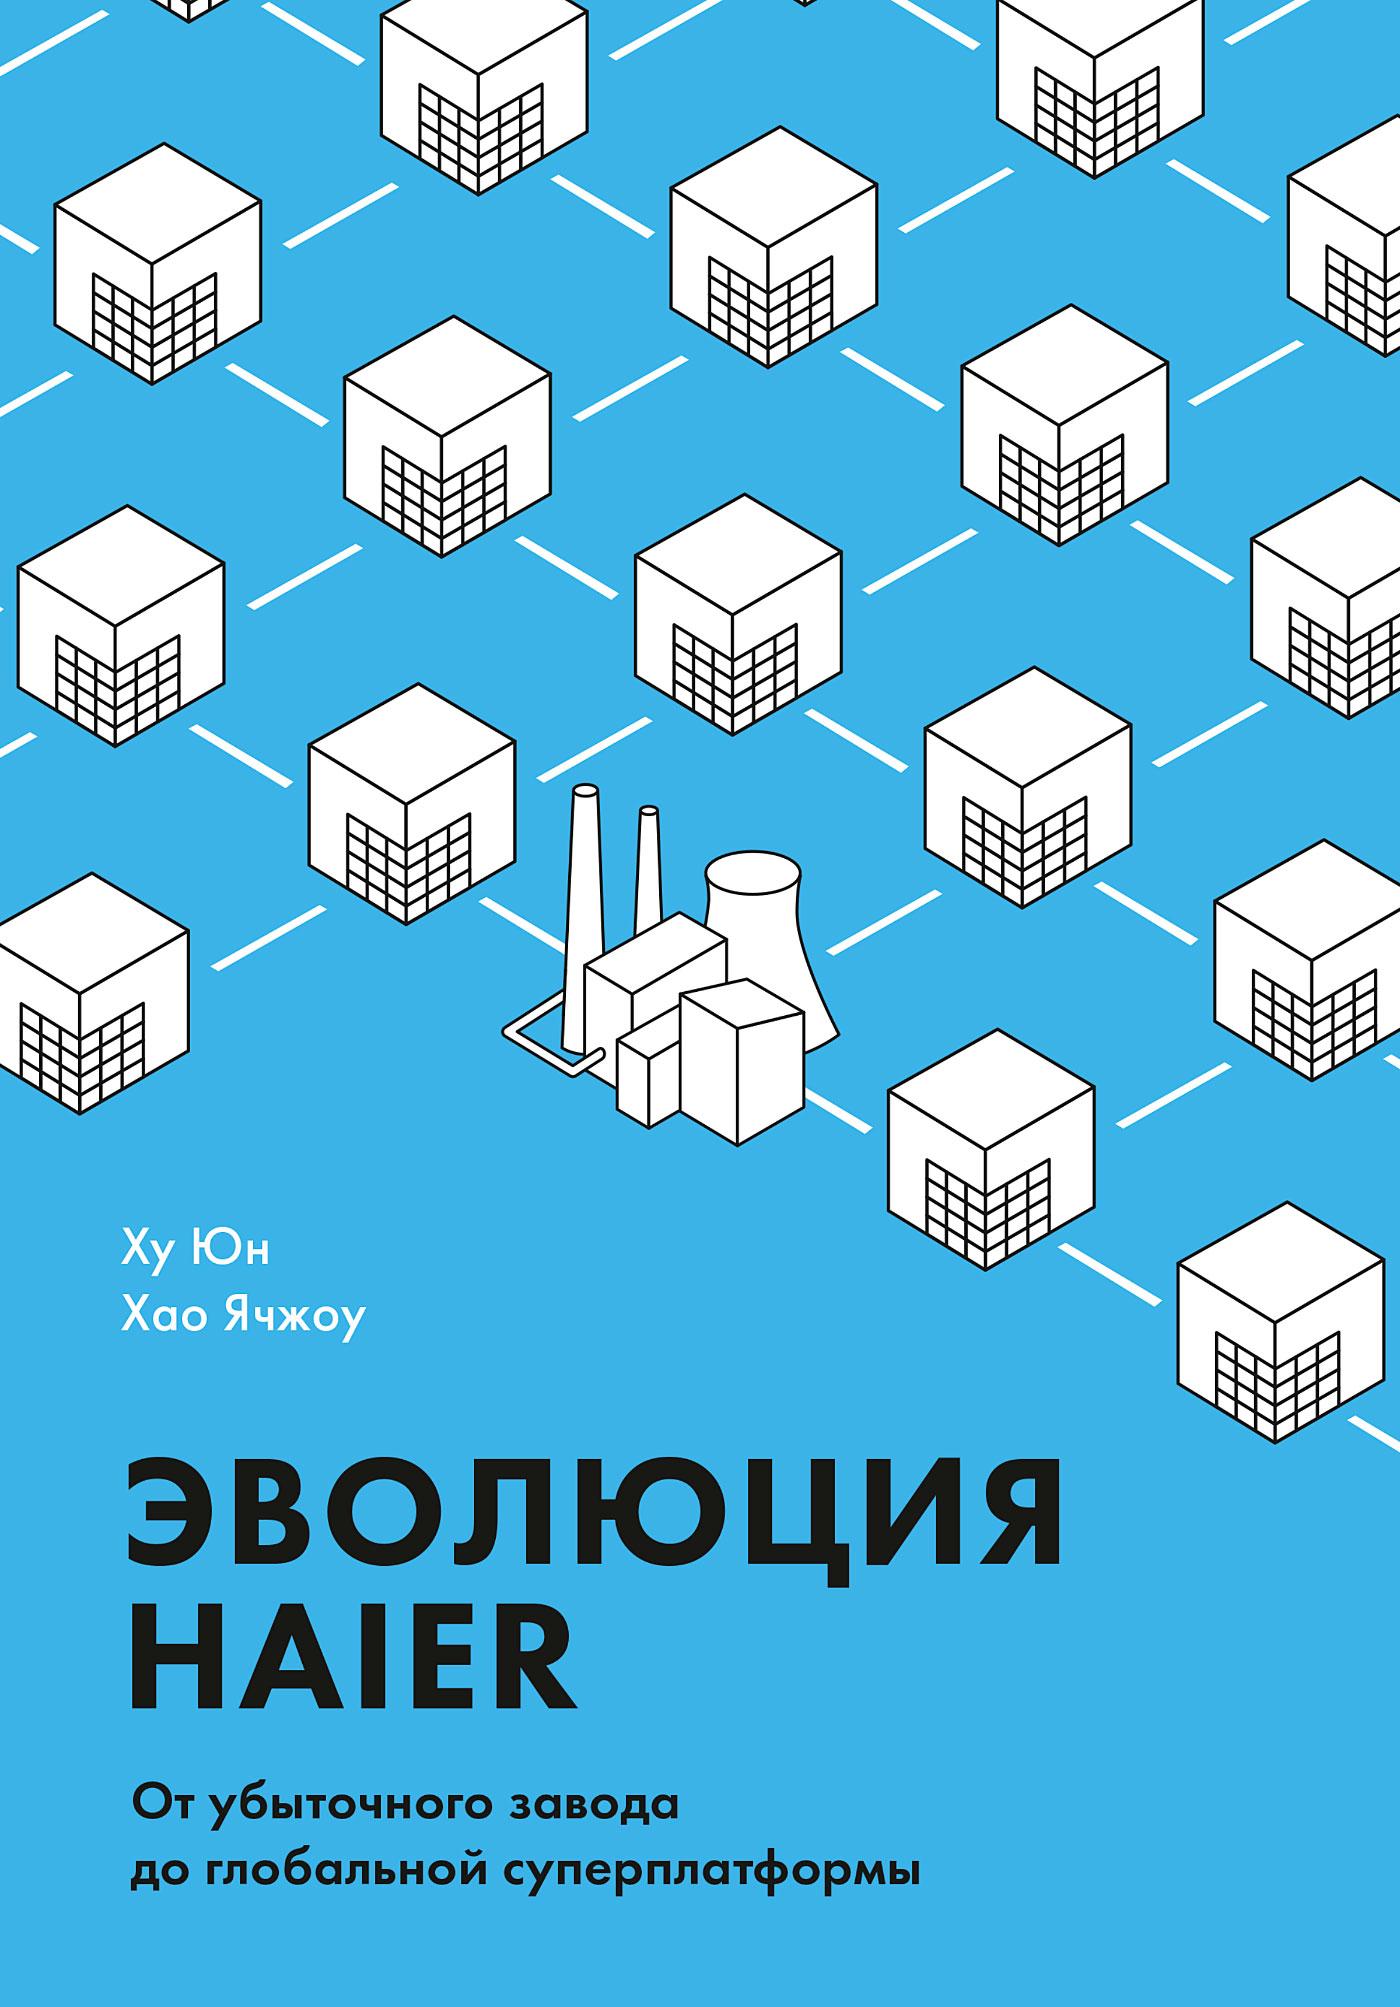 Обложка книги Эволюция Haier. От убыточного завода до глобальной суперплатформы